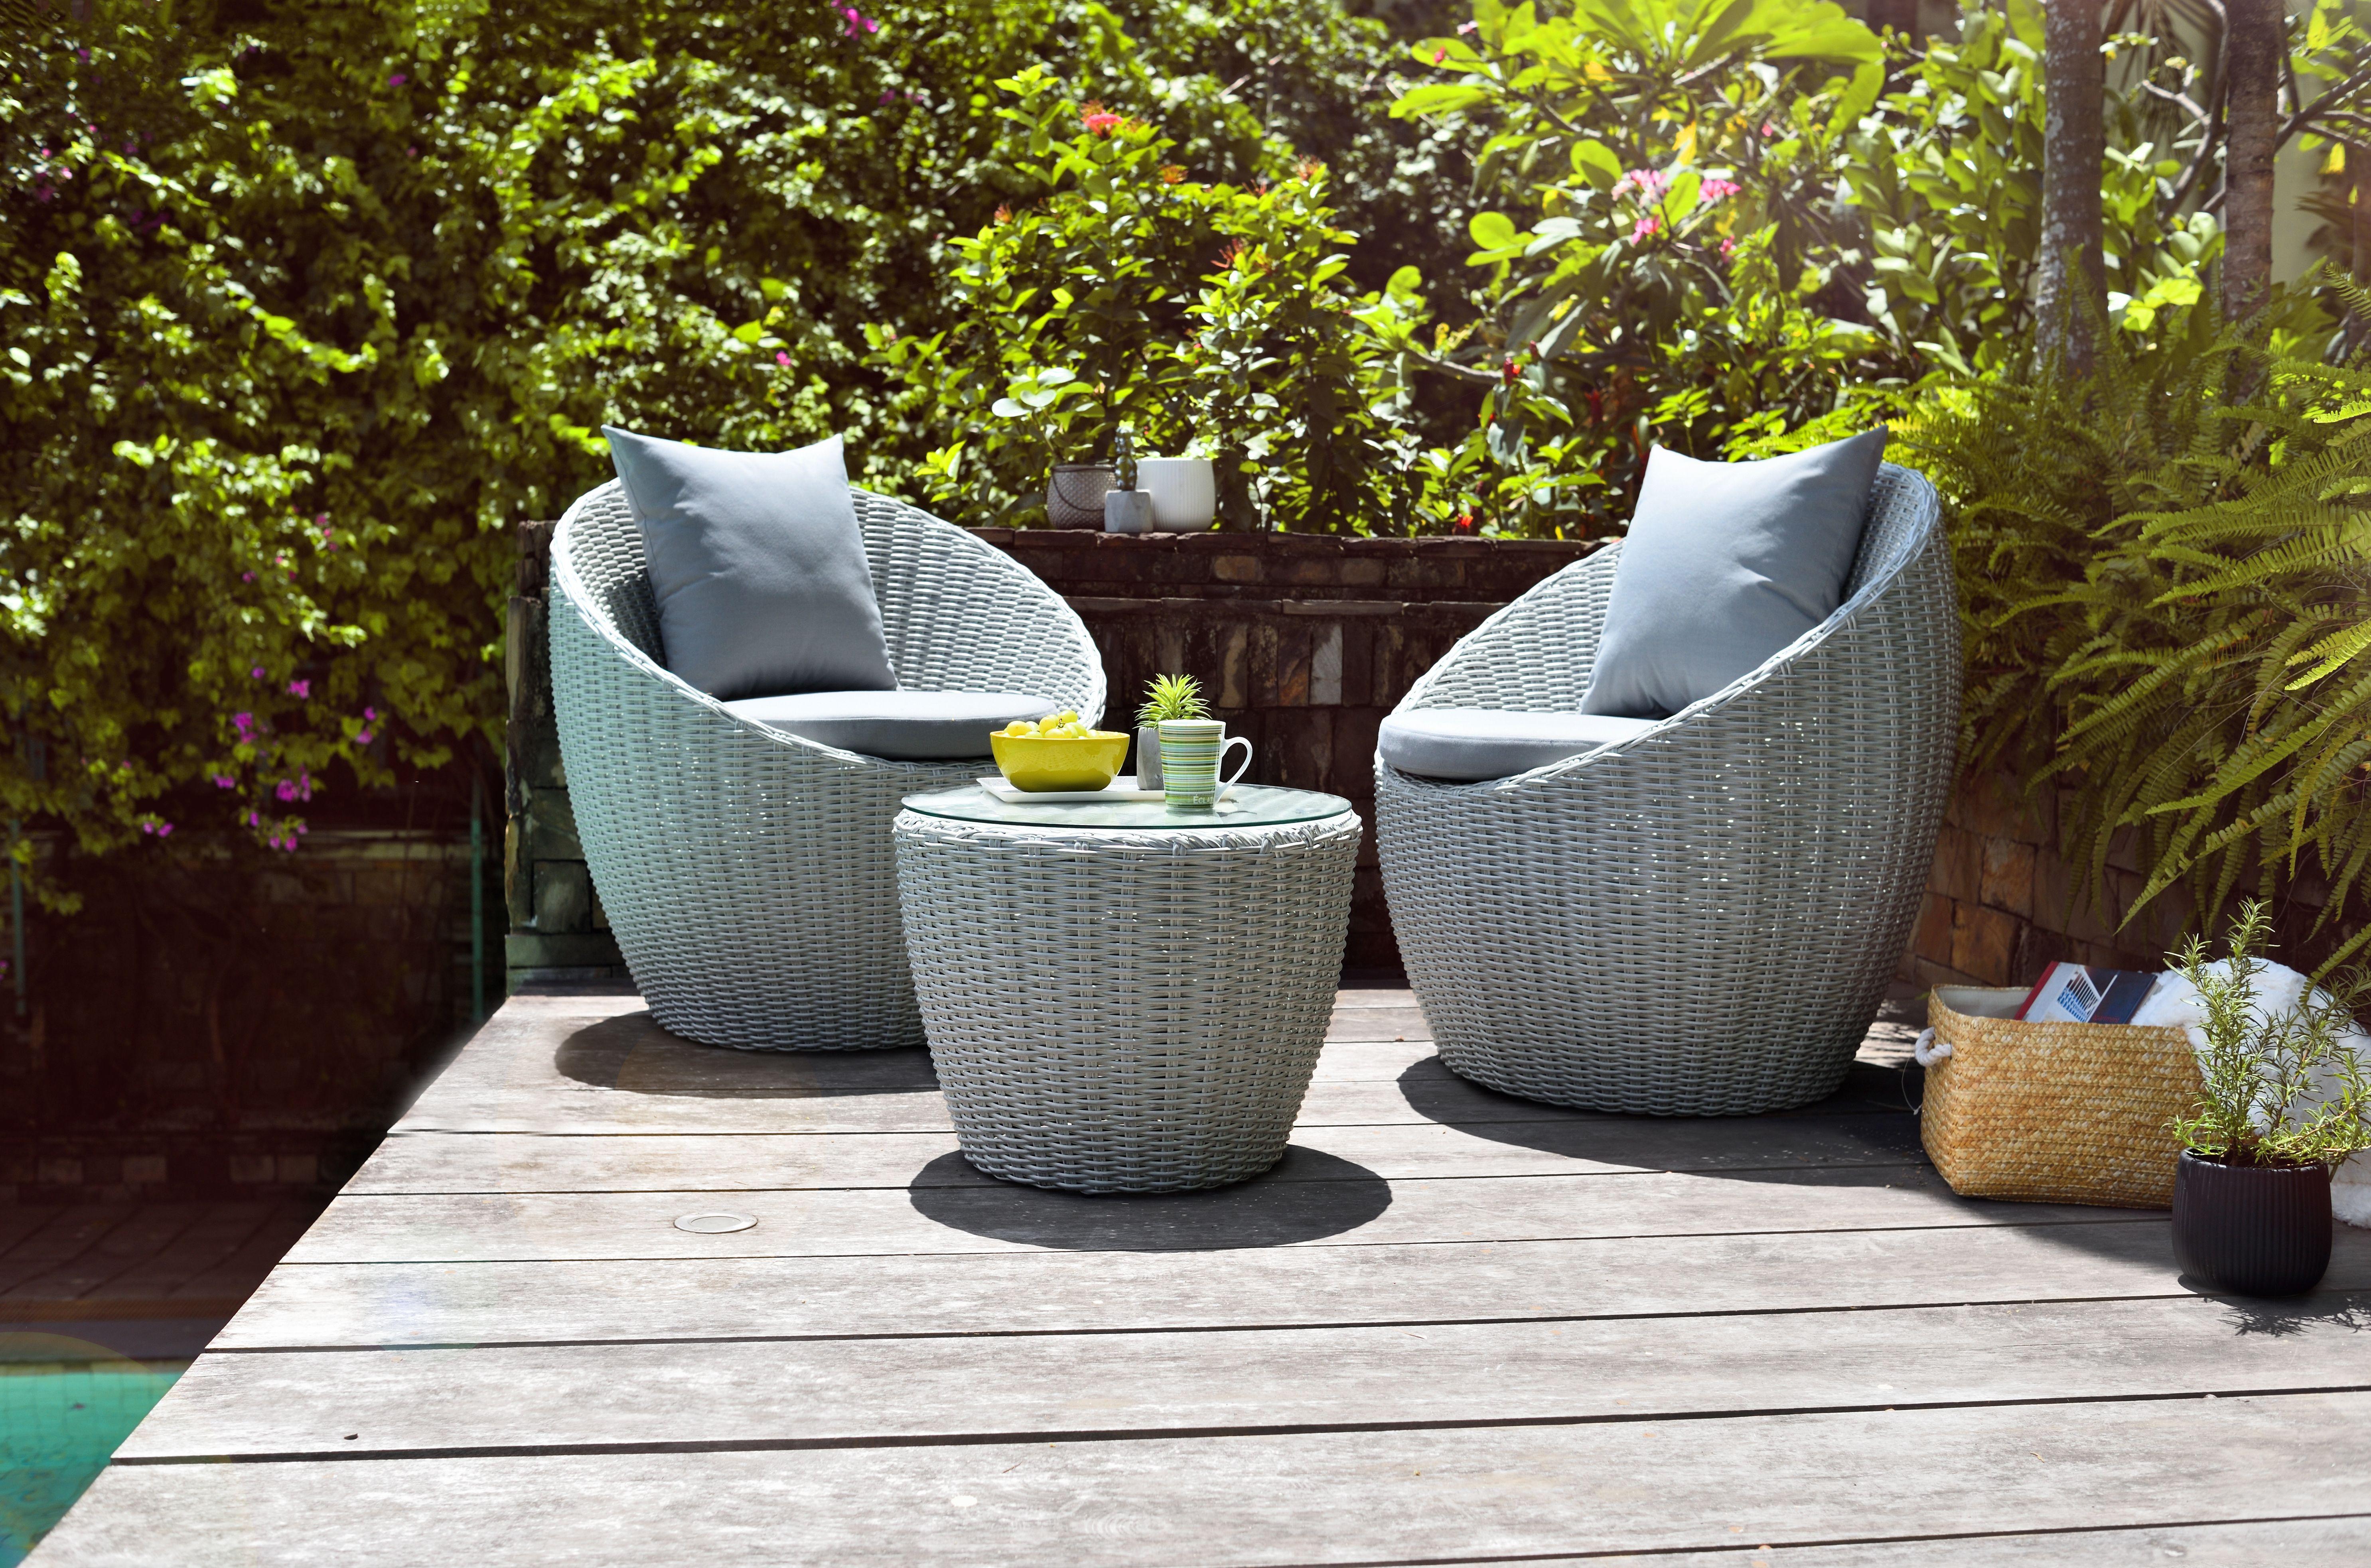 Pod Rattan Balcony Set Grey In 2020 Outdoor Garden Furniture Back Garden Design Small Garden Inspiration